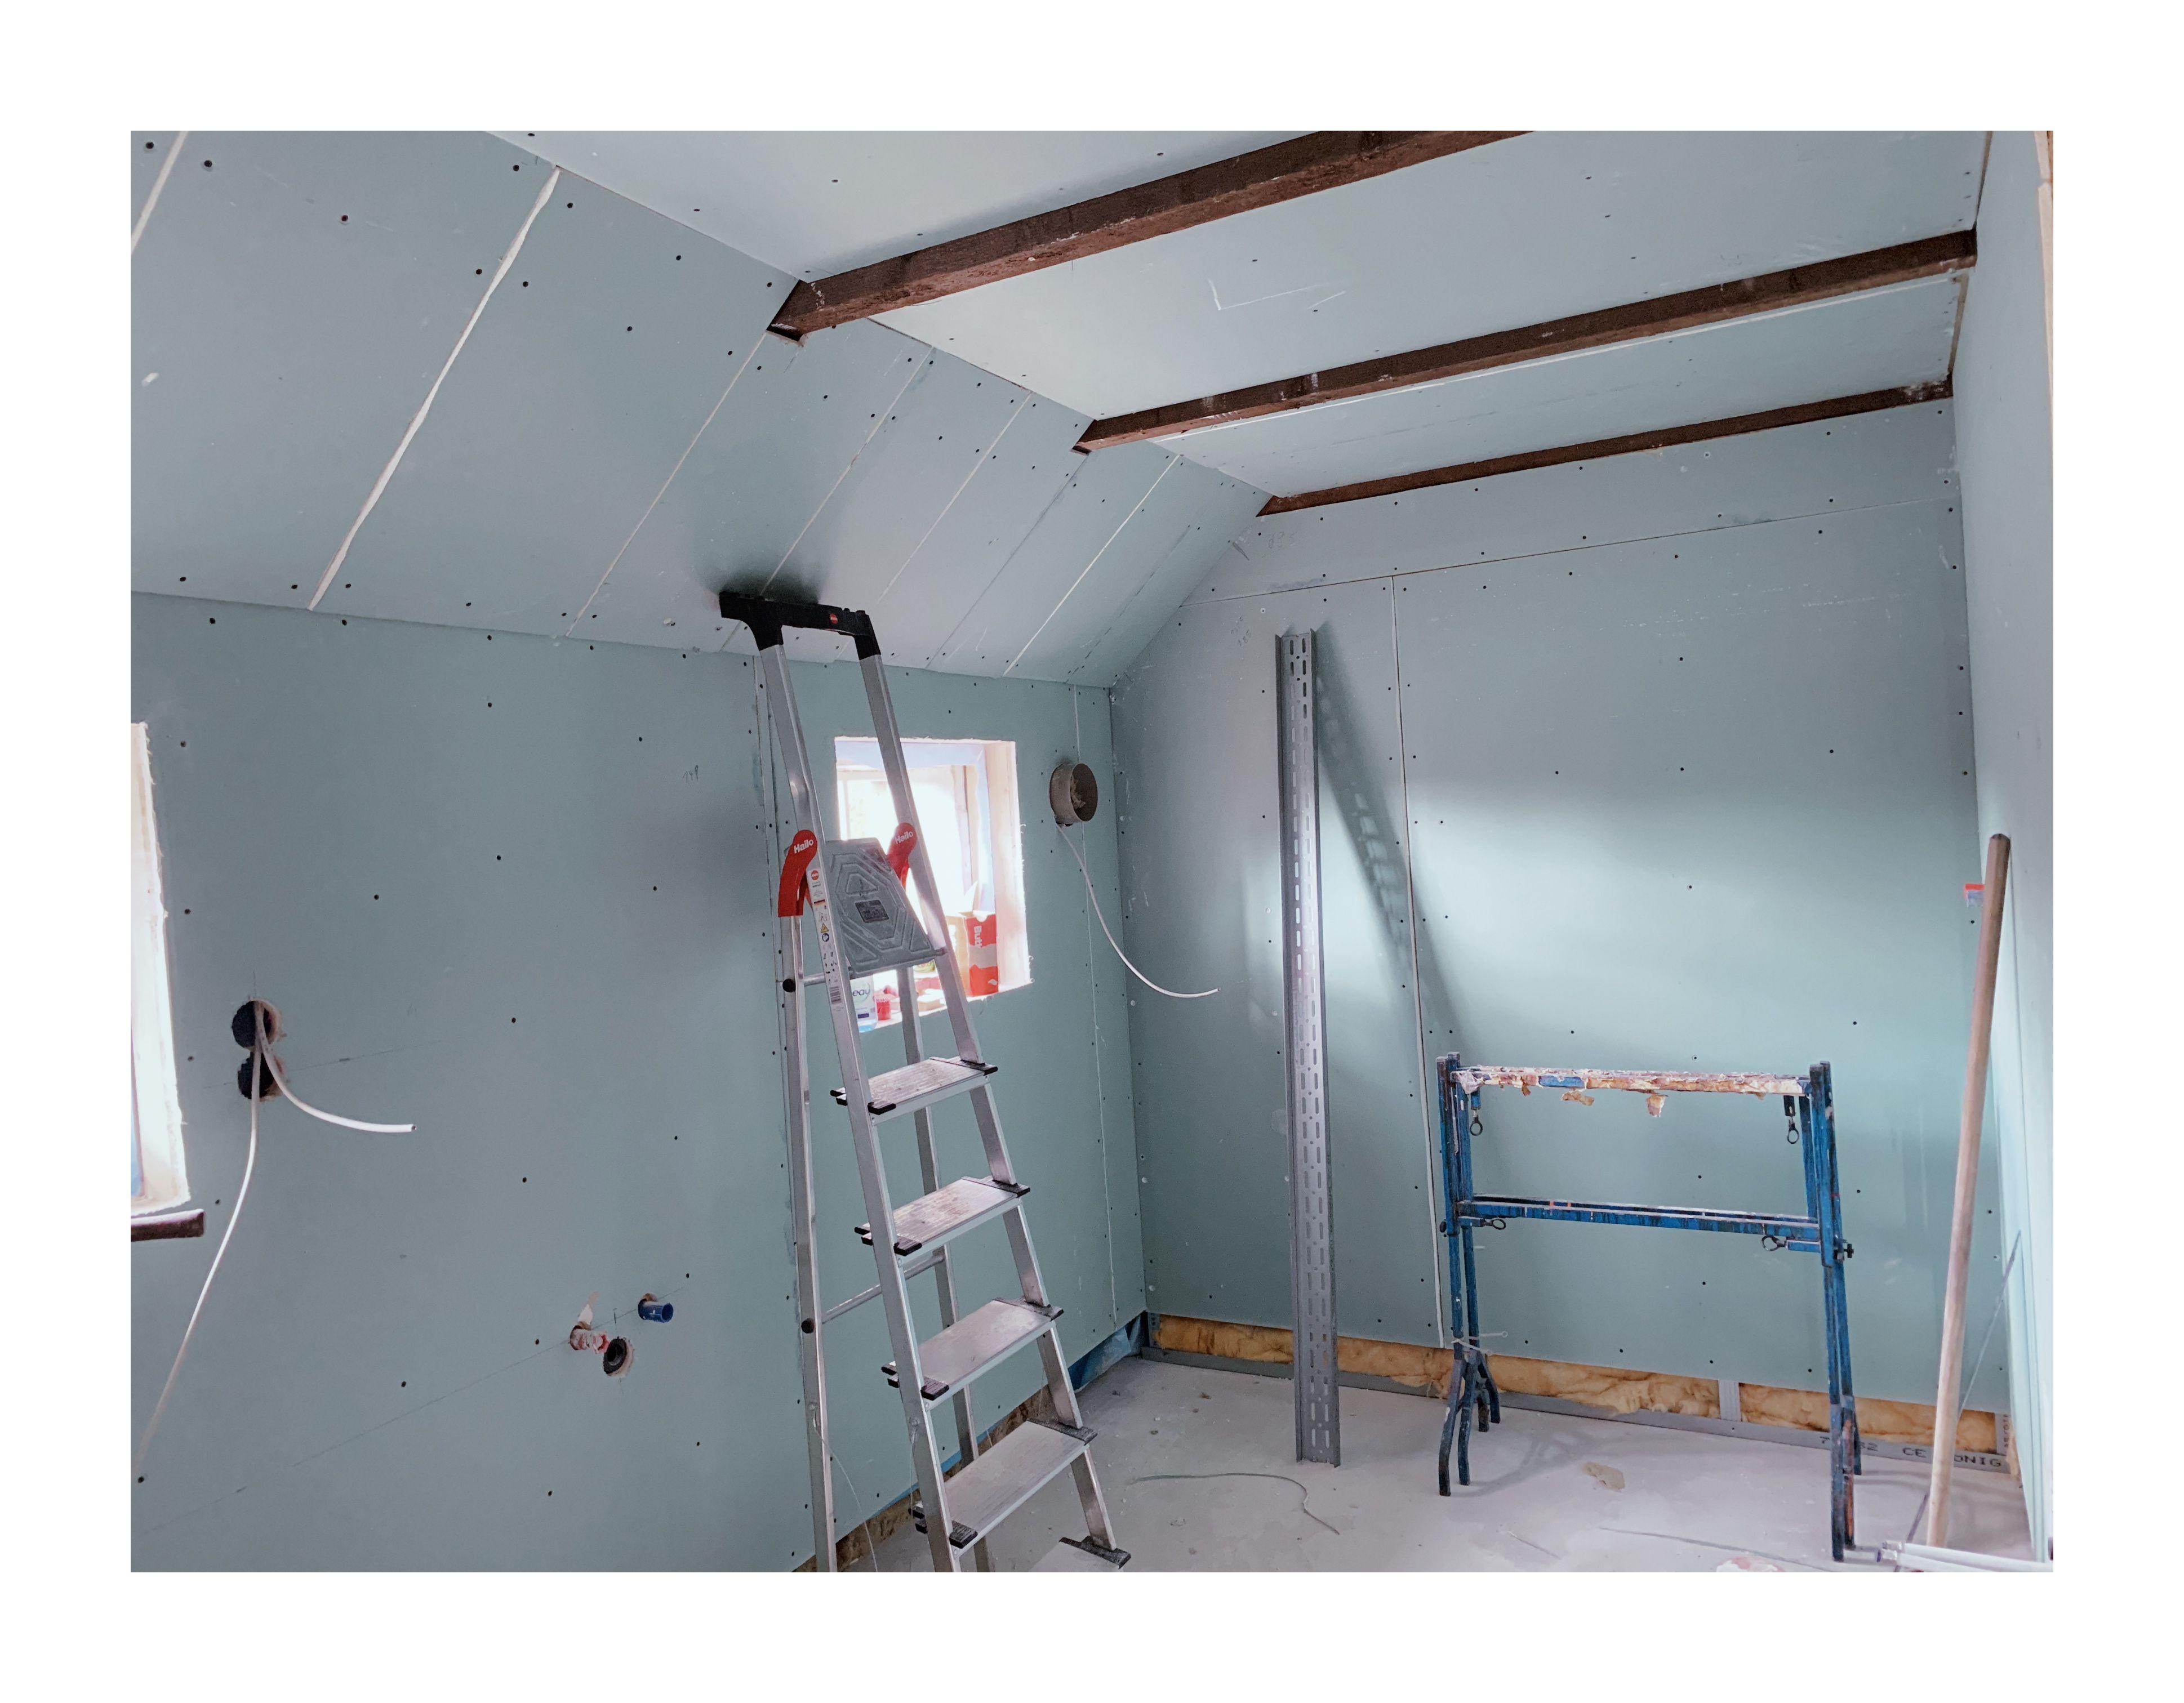 Trockenbauarbeiten Leiter Estrich In 2020 Badezimmer Einrichtung Bau Einrichtung